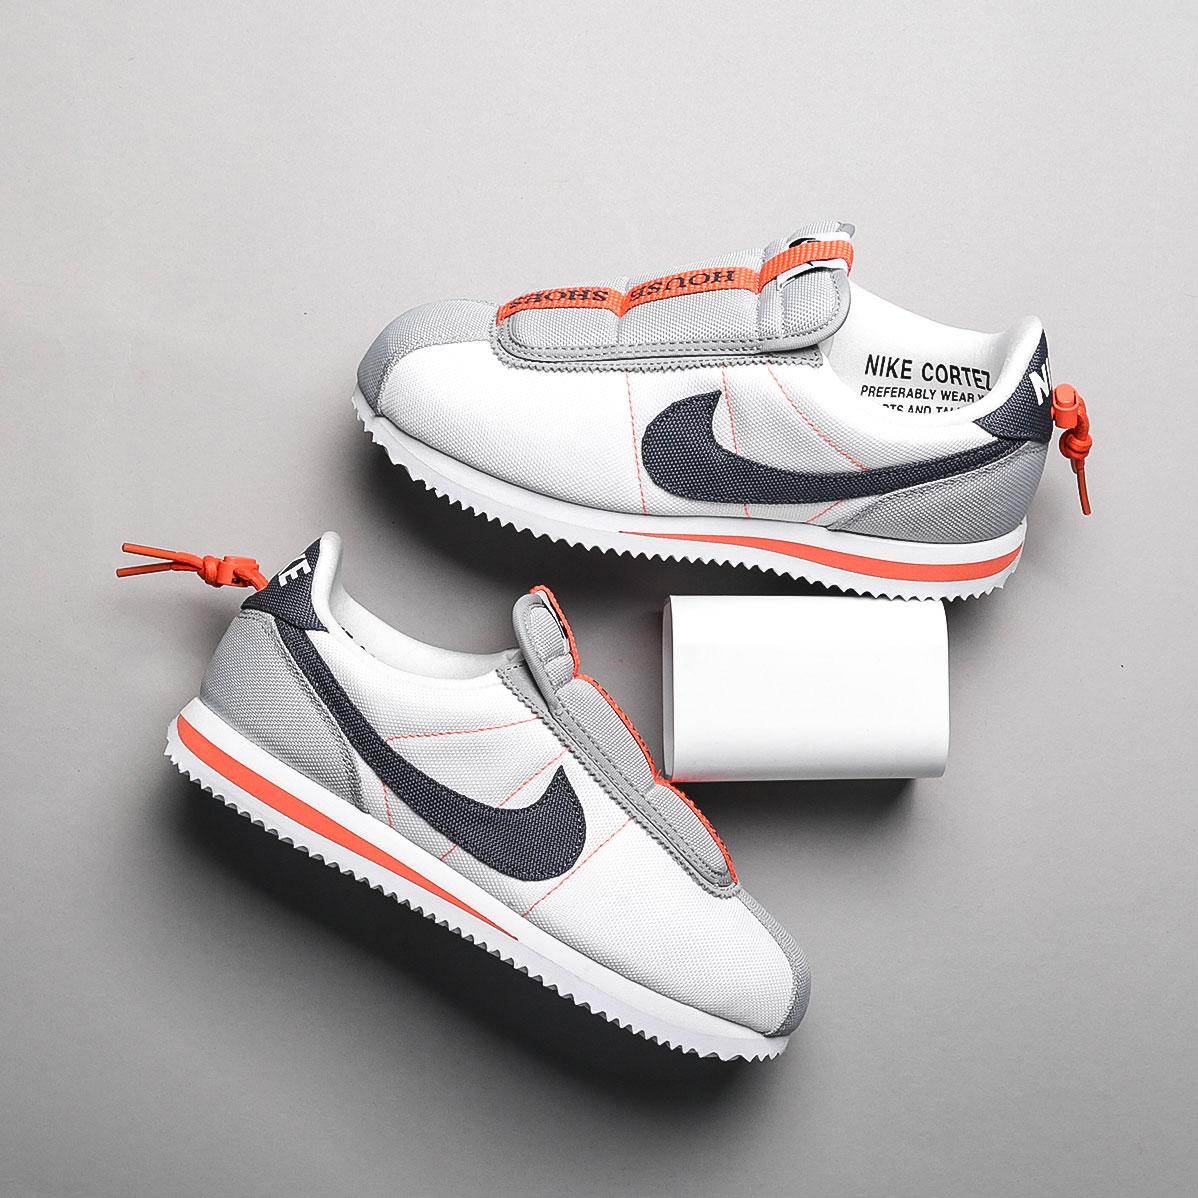 Кроссовки Nike Cortez Kenny IV